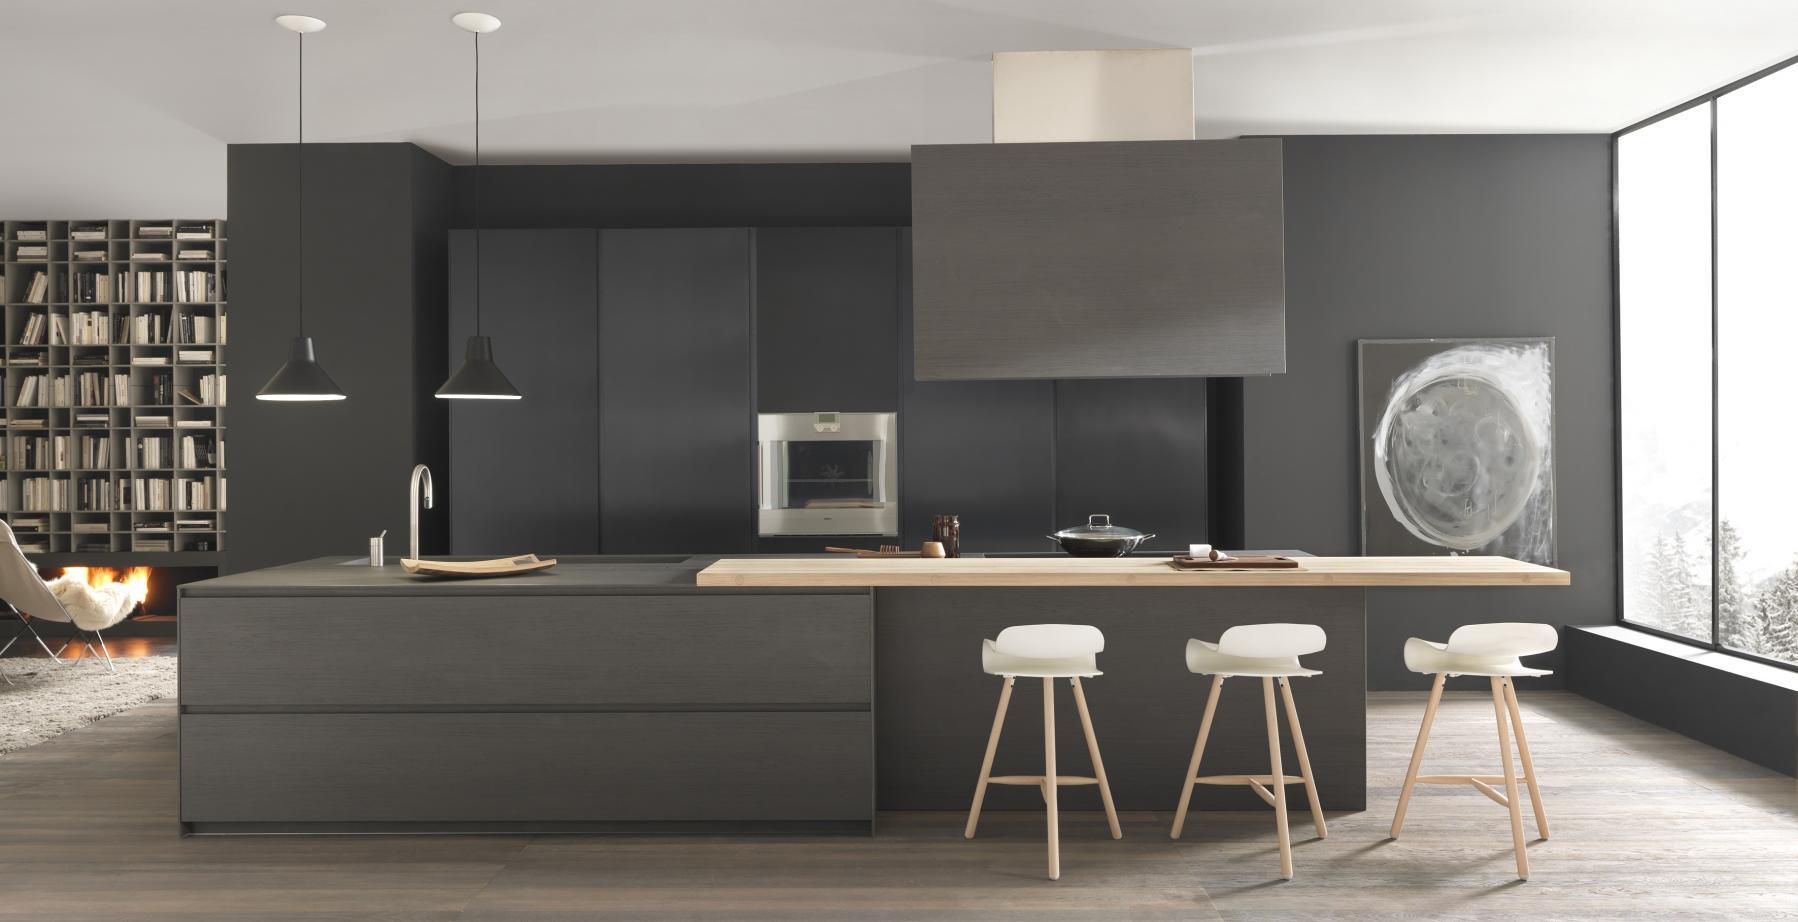 Prachtige designkeukens voor een modern interieur - Nieuws ...